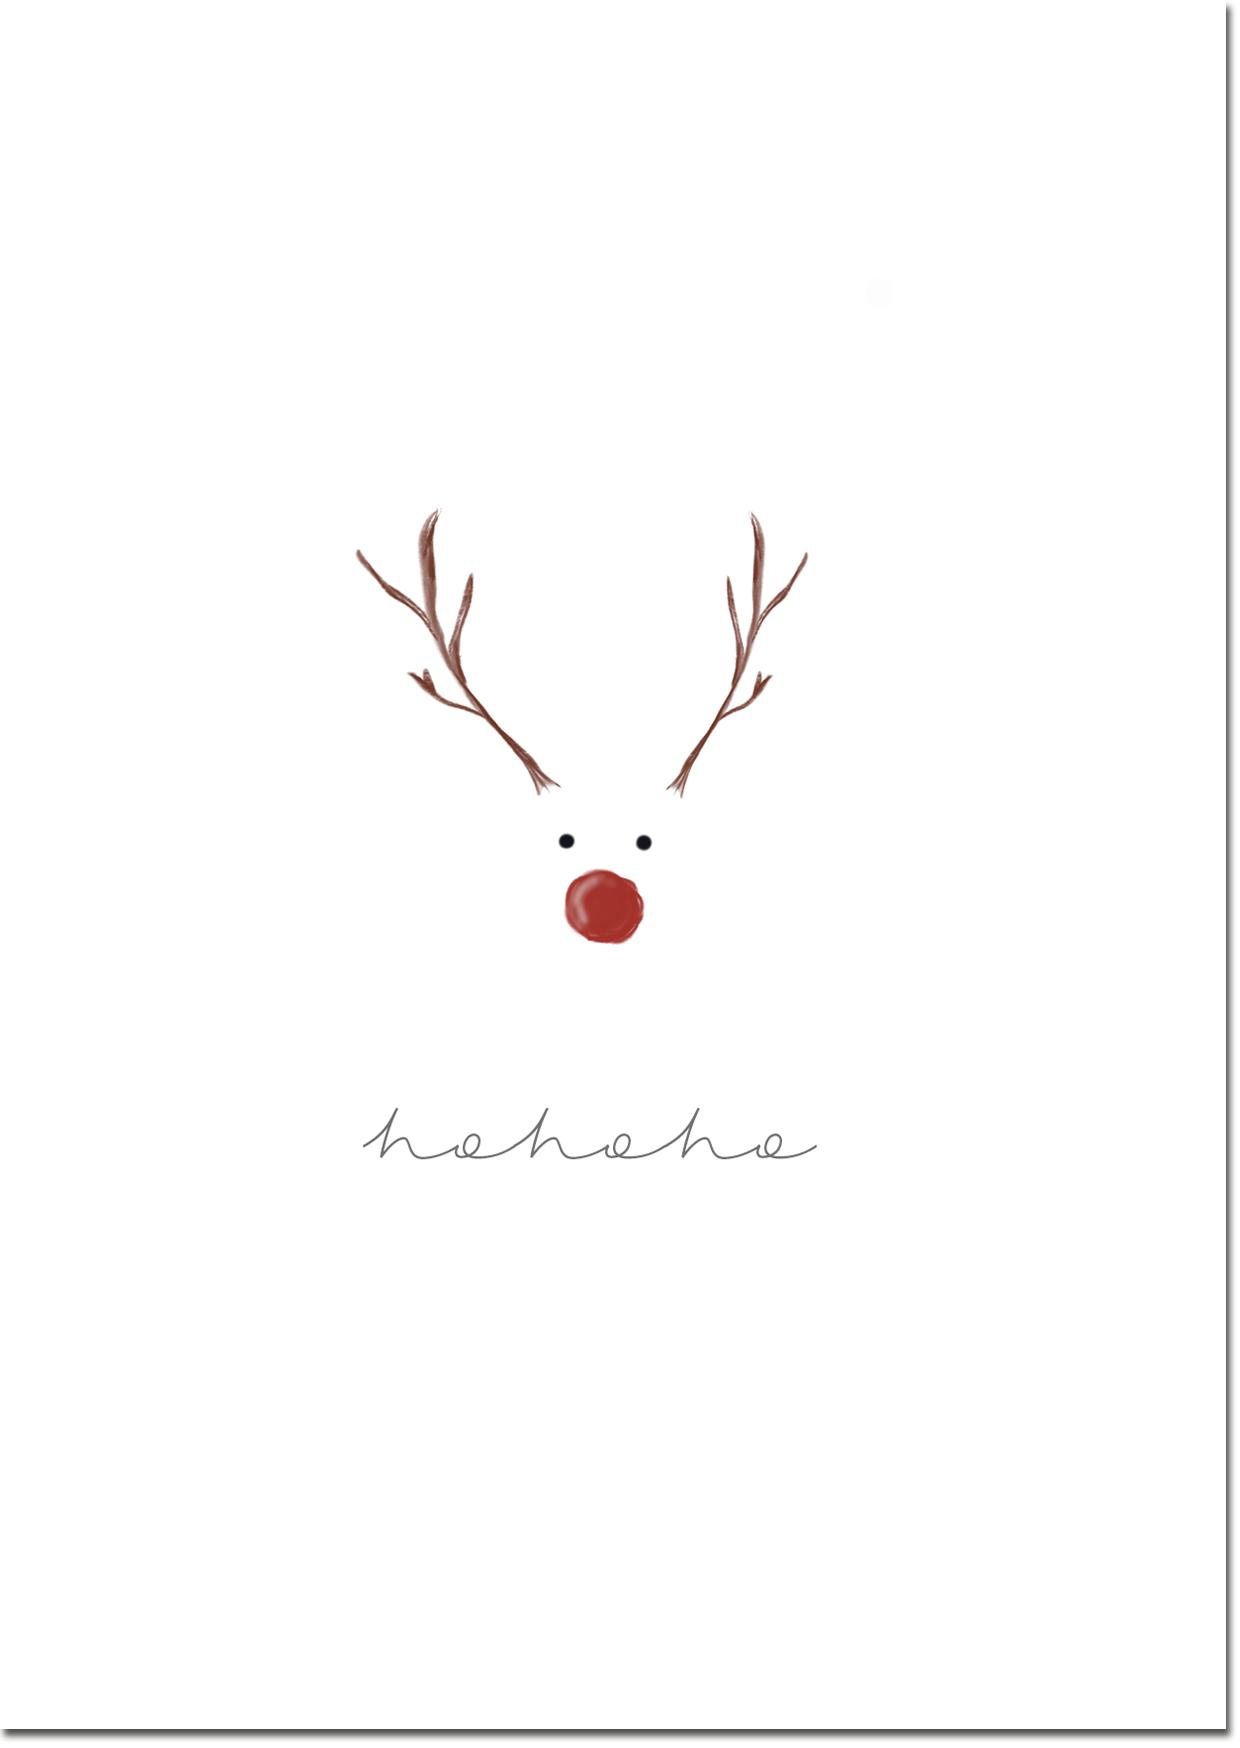 Weihnachtskarten Zum Ausdrucken - Unboundedambition.de verwandt mit Weihnachtskarten Zum Ausdrucken